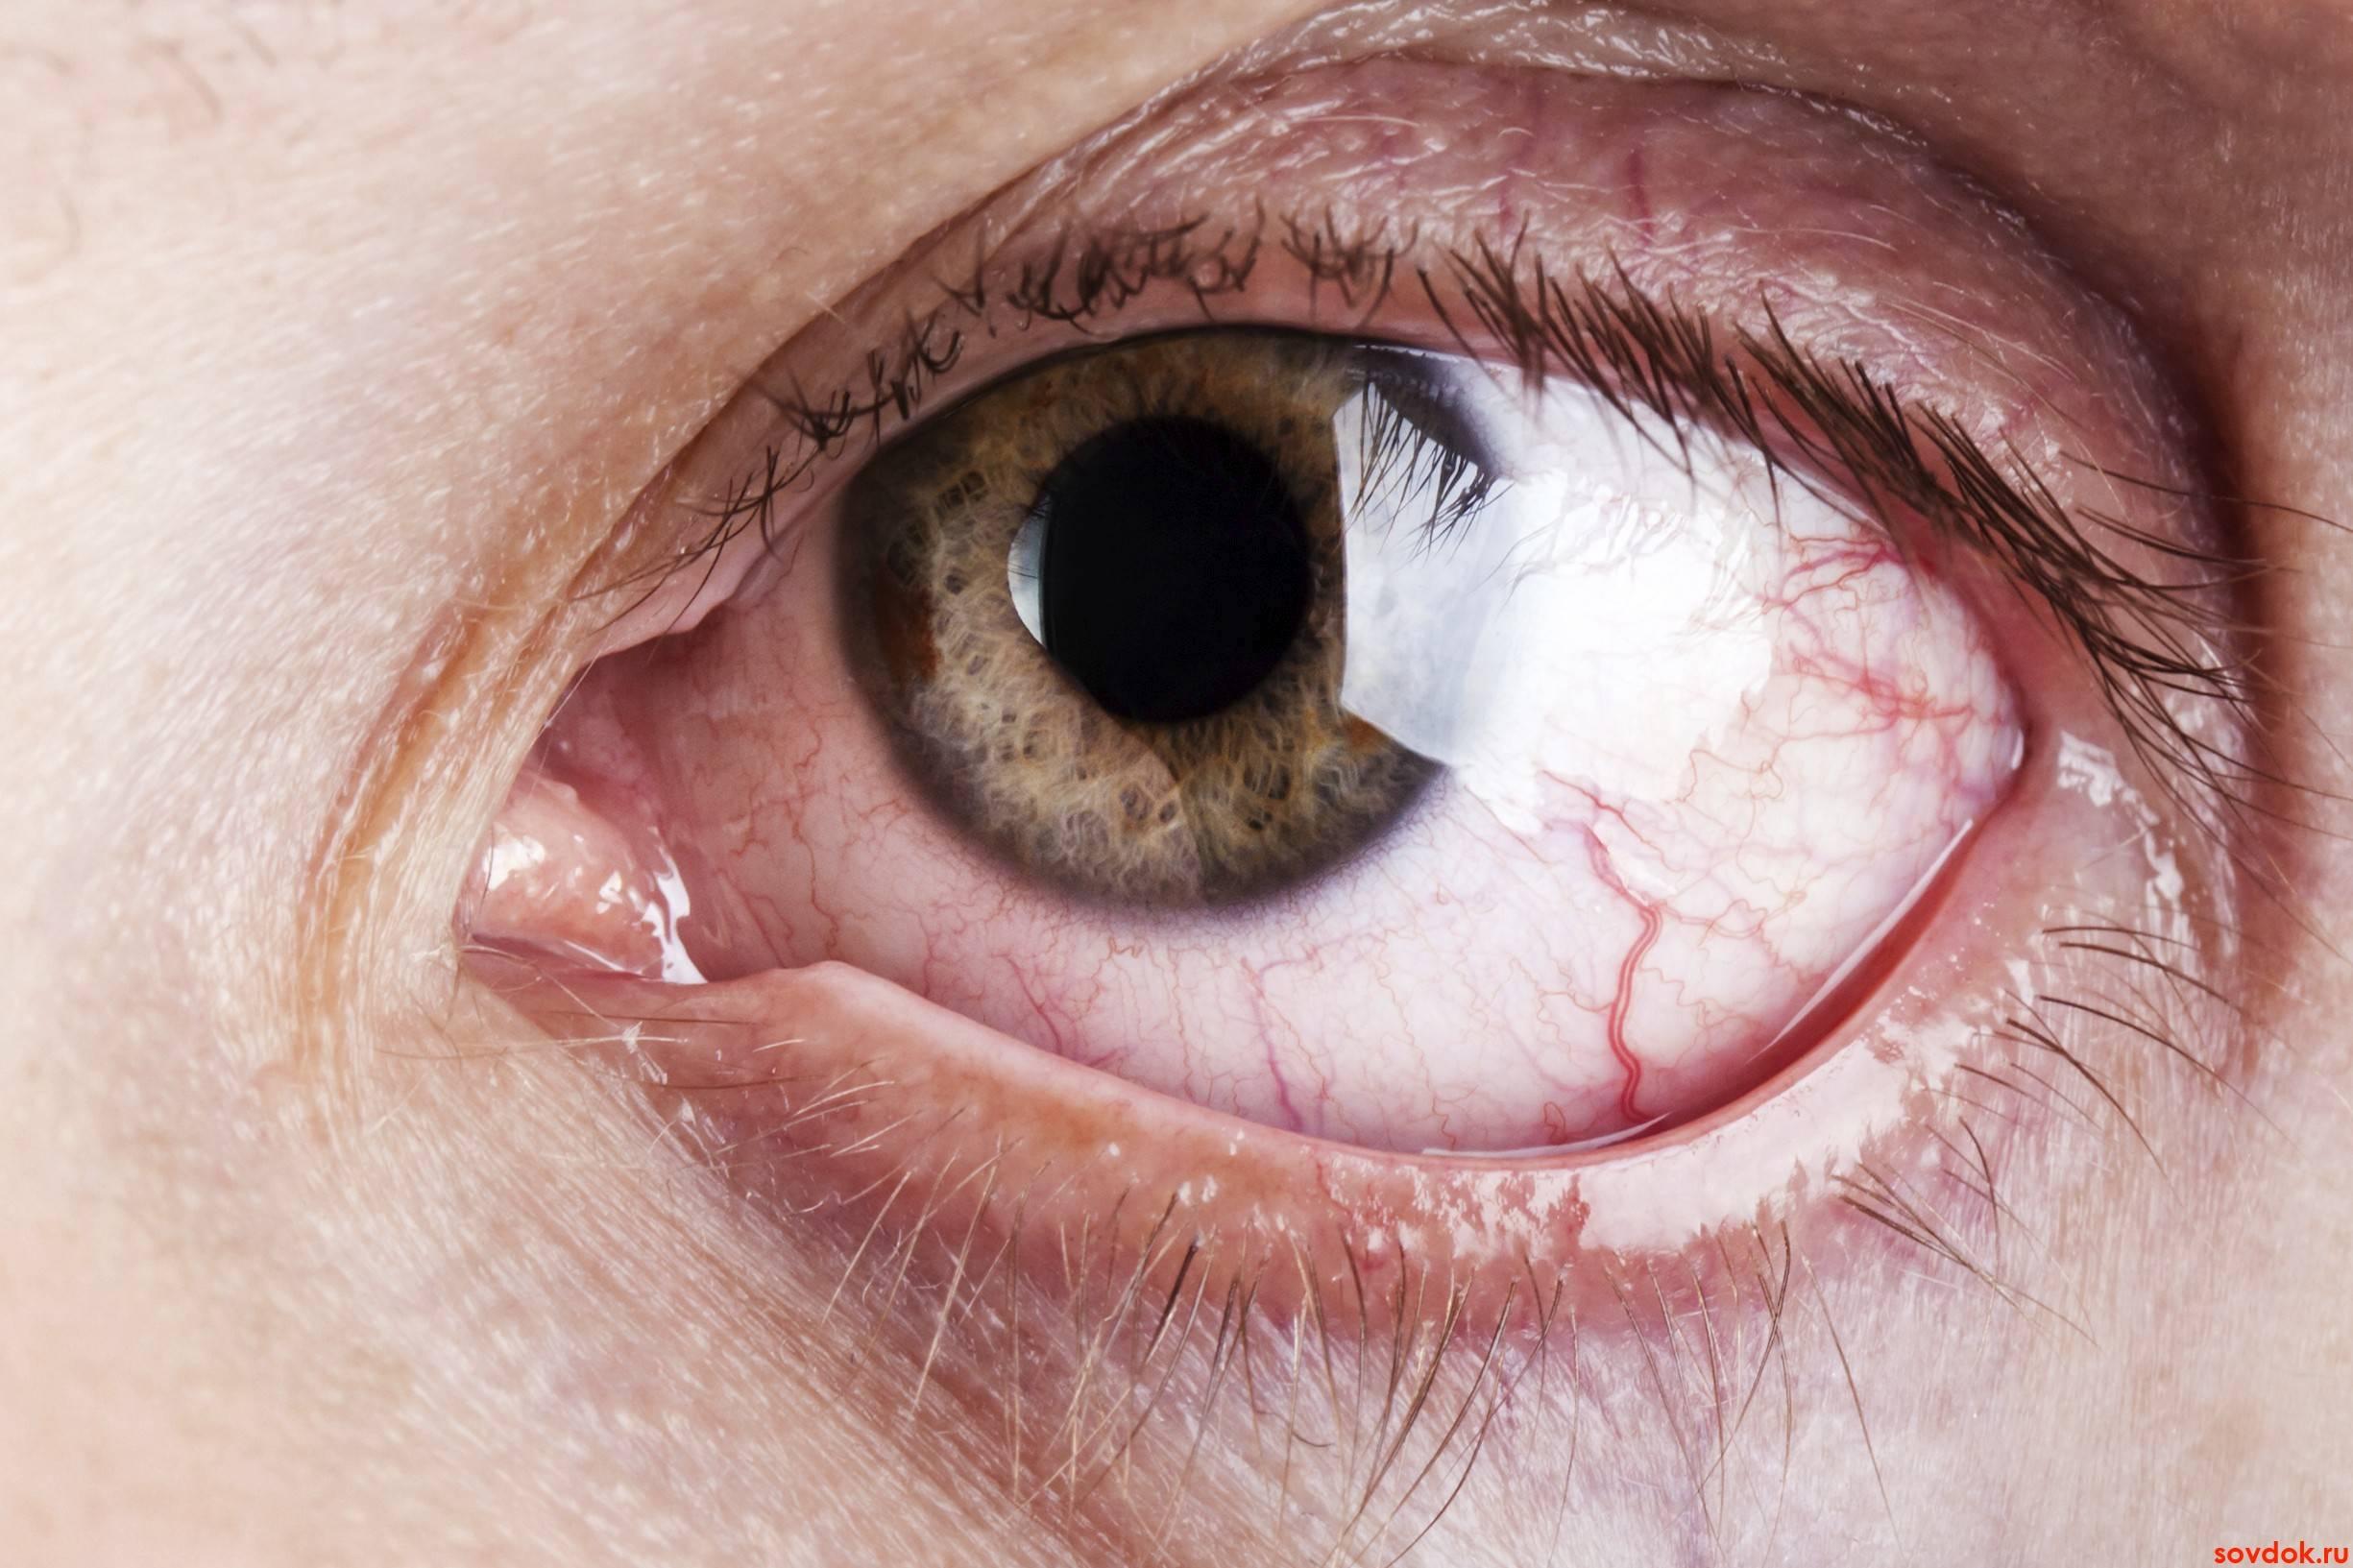 Лечение и последствия ожога роговицы глаза